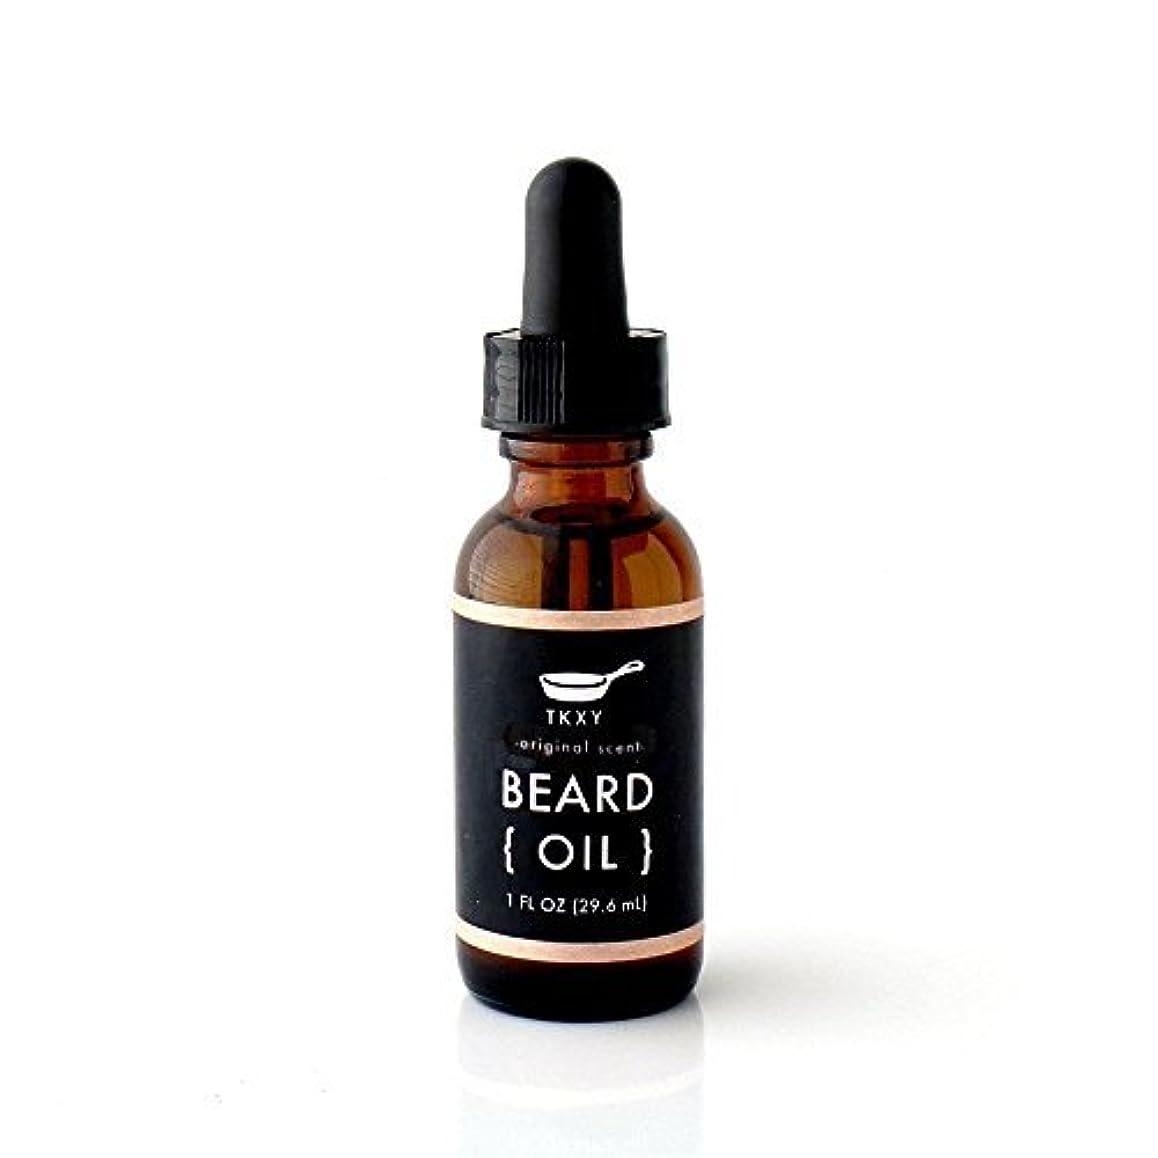 迫害するアジア人格差Organic Beard Oil - Original Scent (1 fl oz) [並行輸入品]